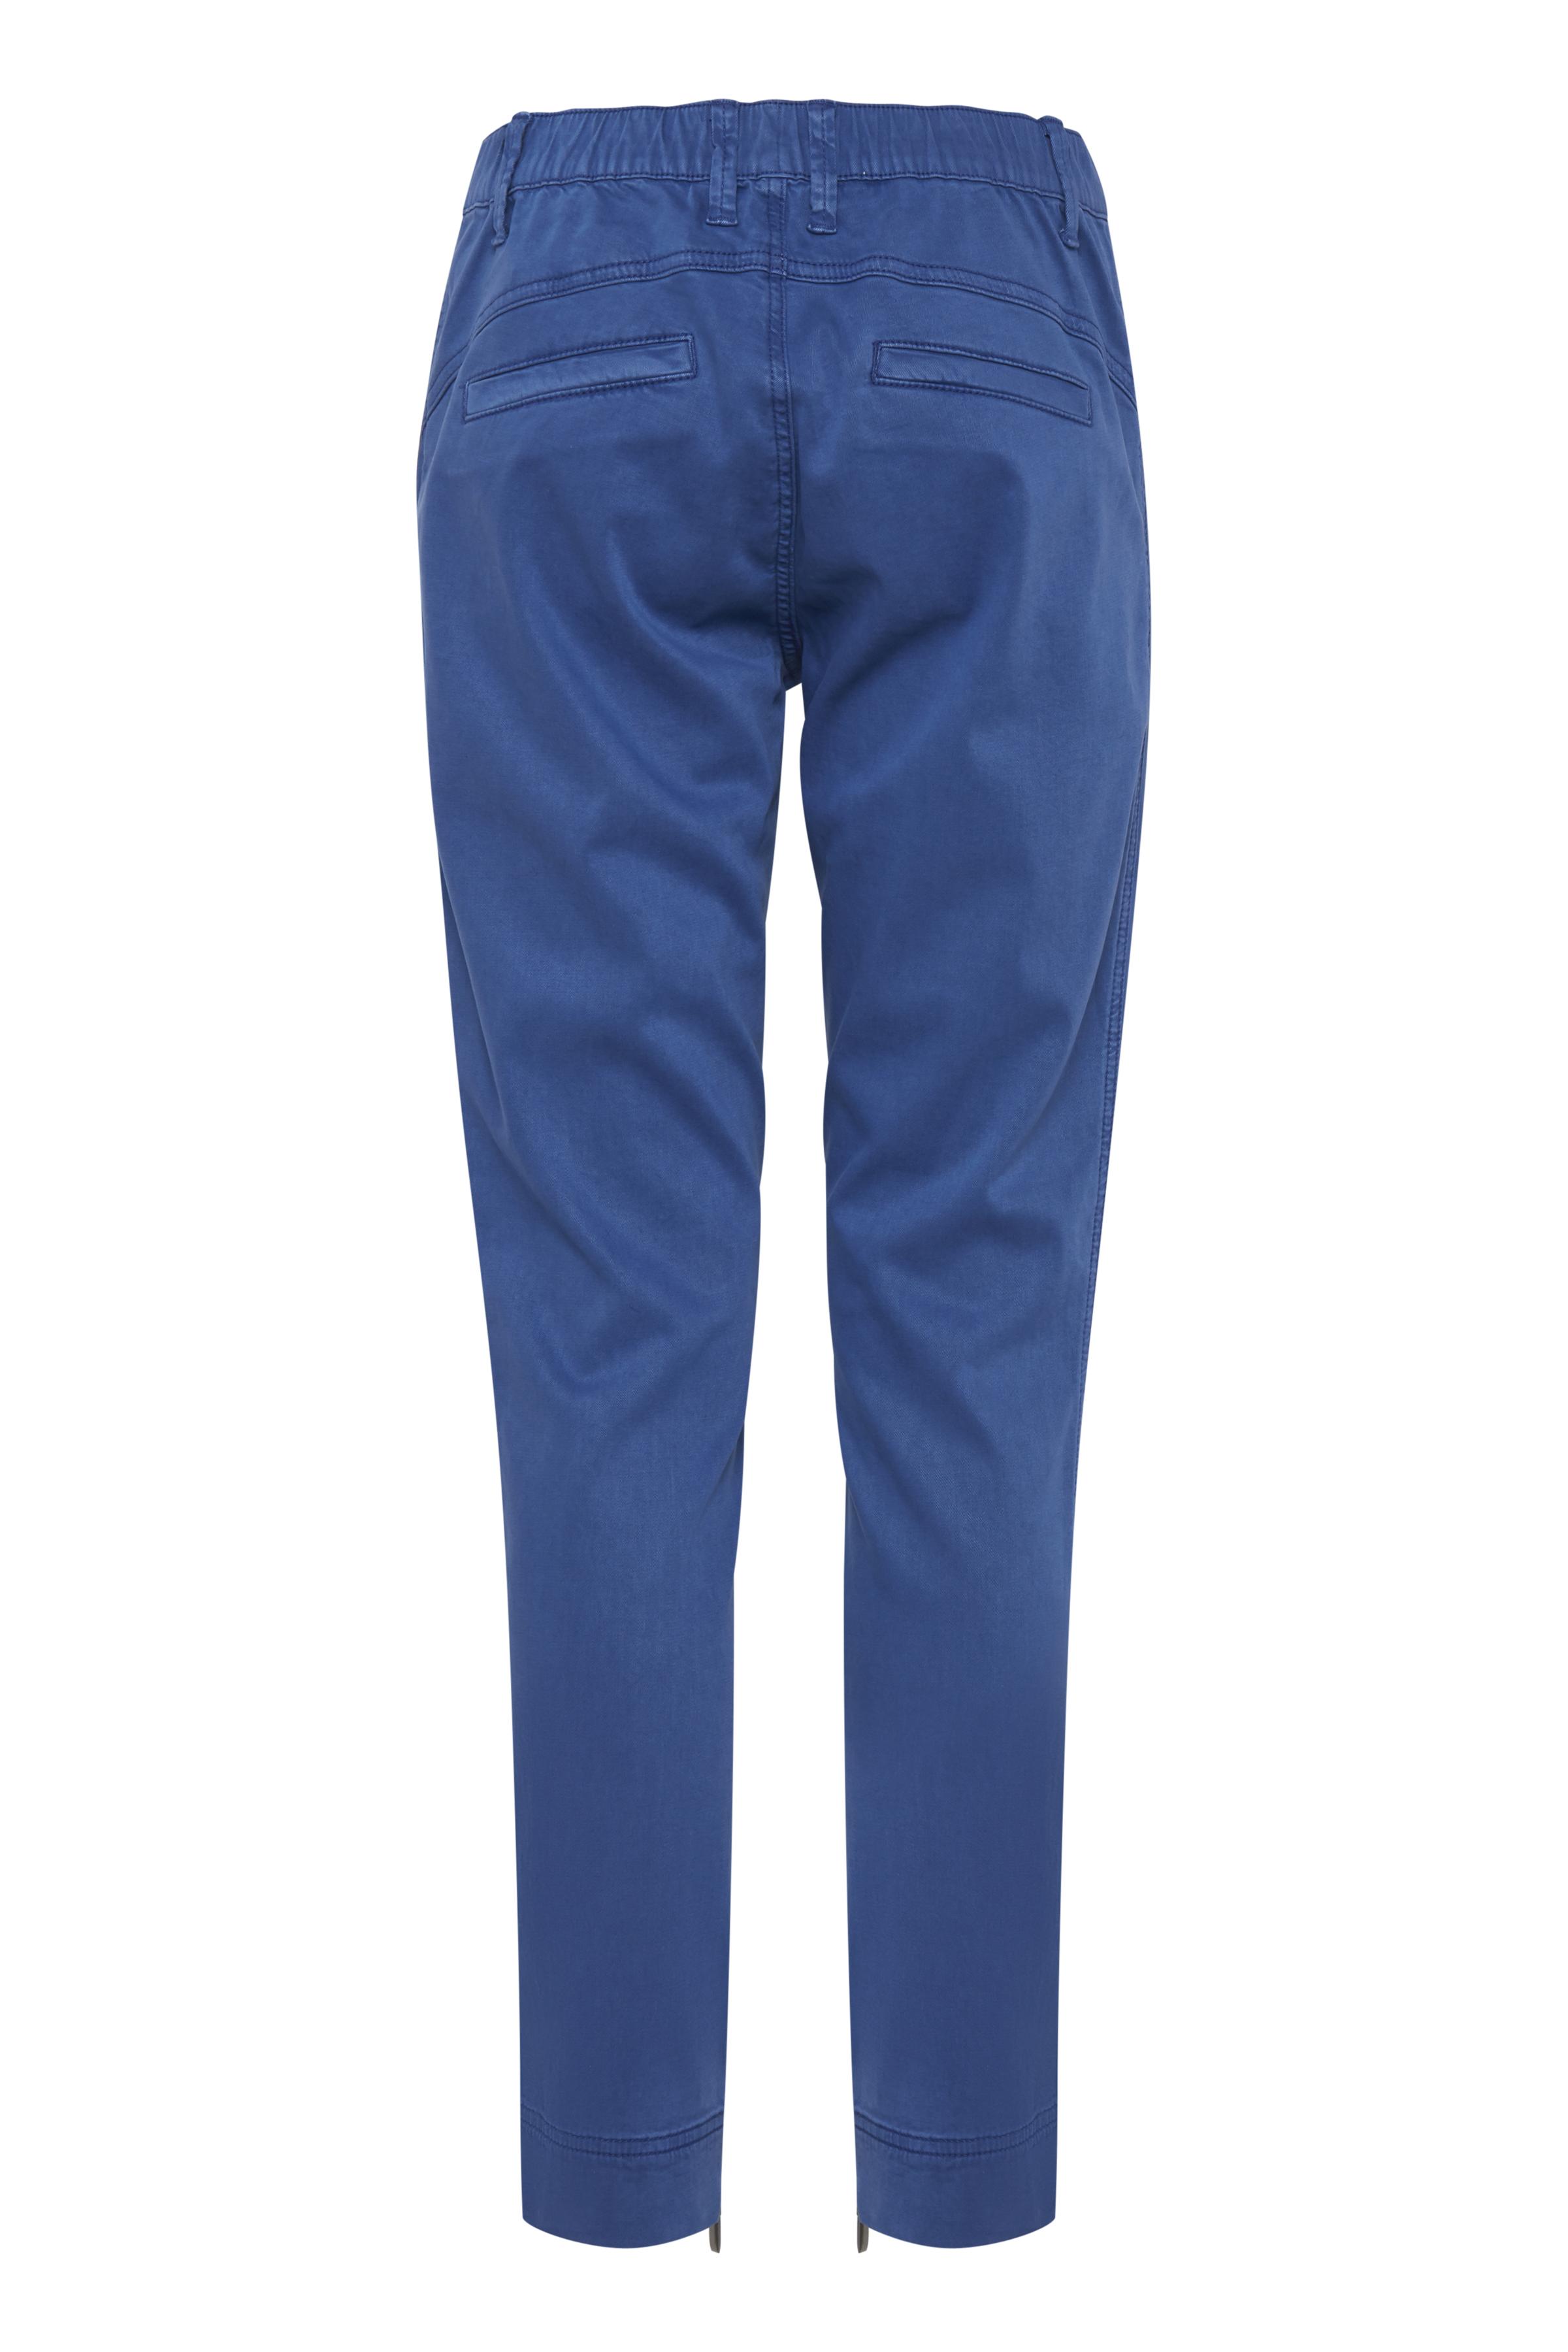 Blå Casual bukser fra Pulz Jeans – Køb Blå Casual bukser fra str. 32-46 her